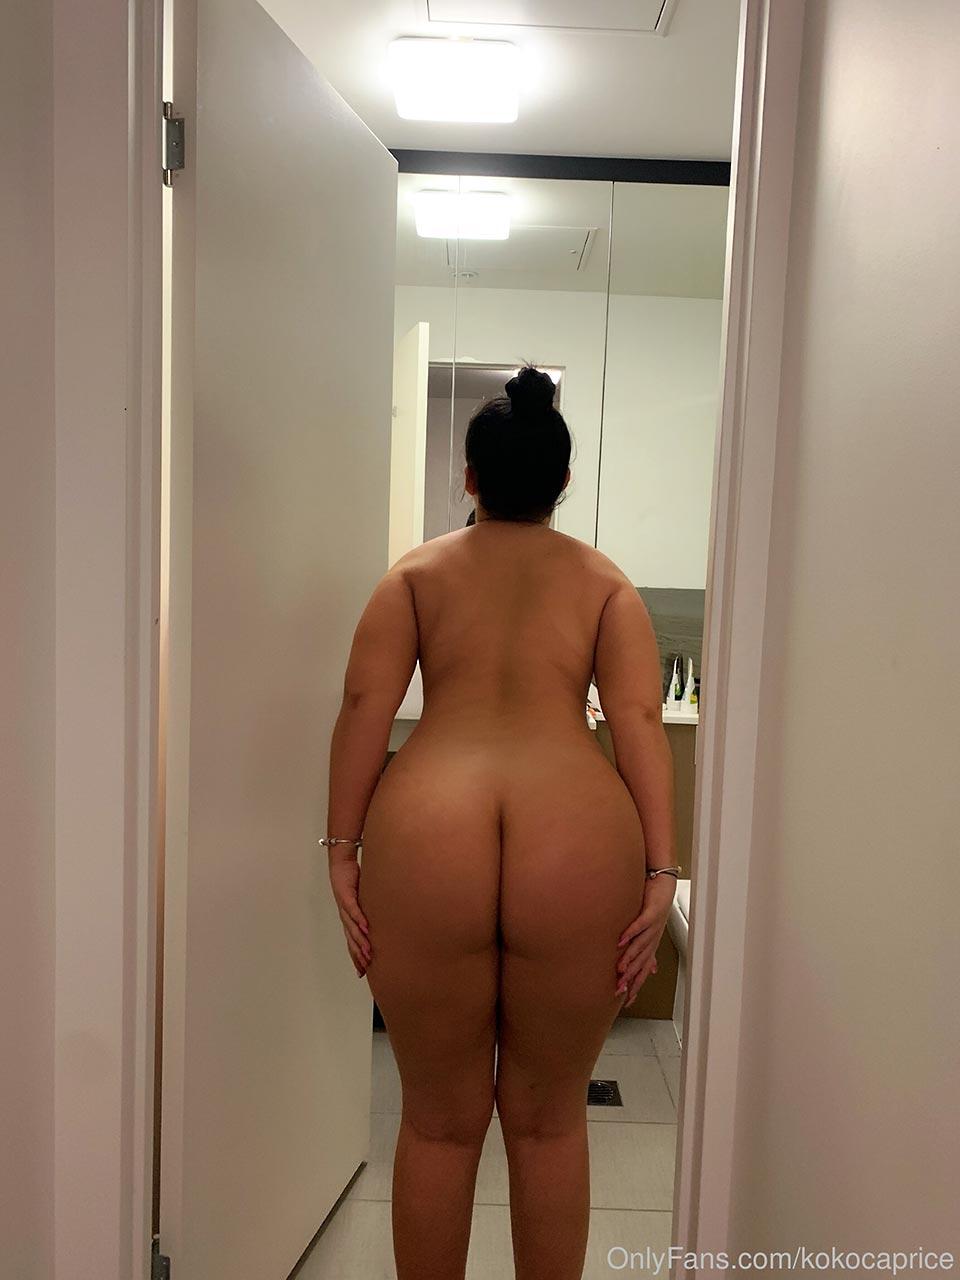 Khloe kardashian leaked nudes